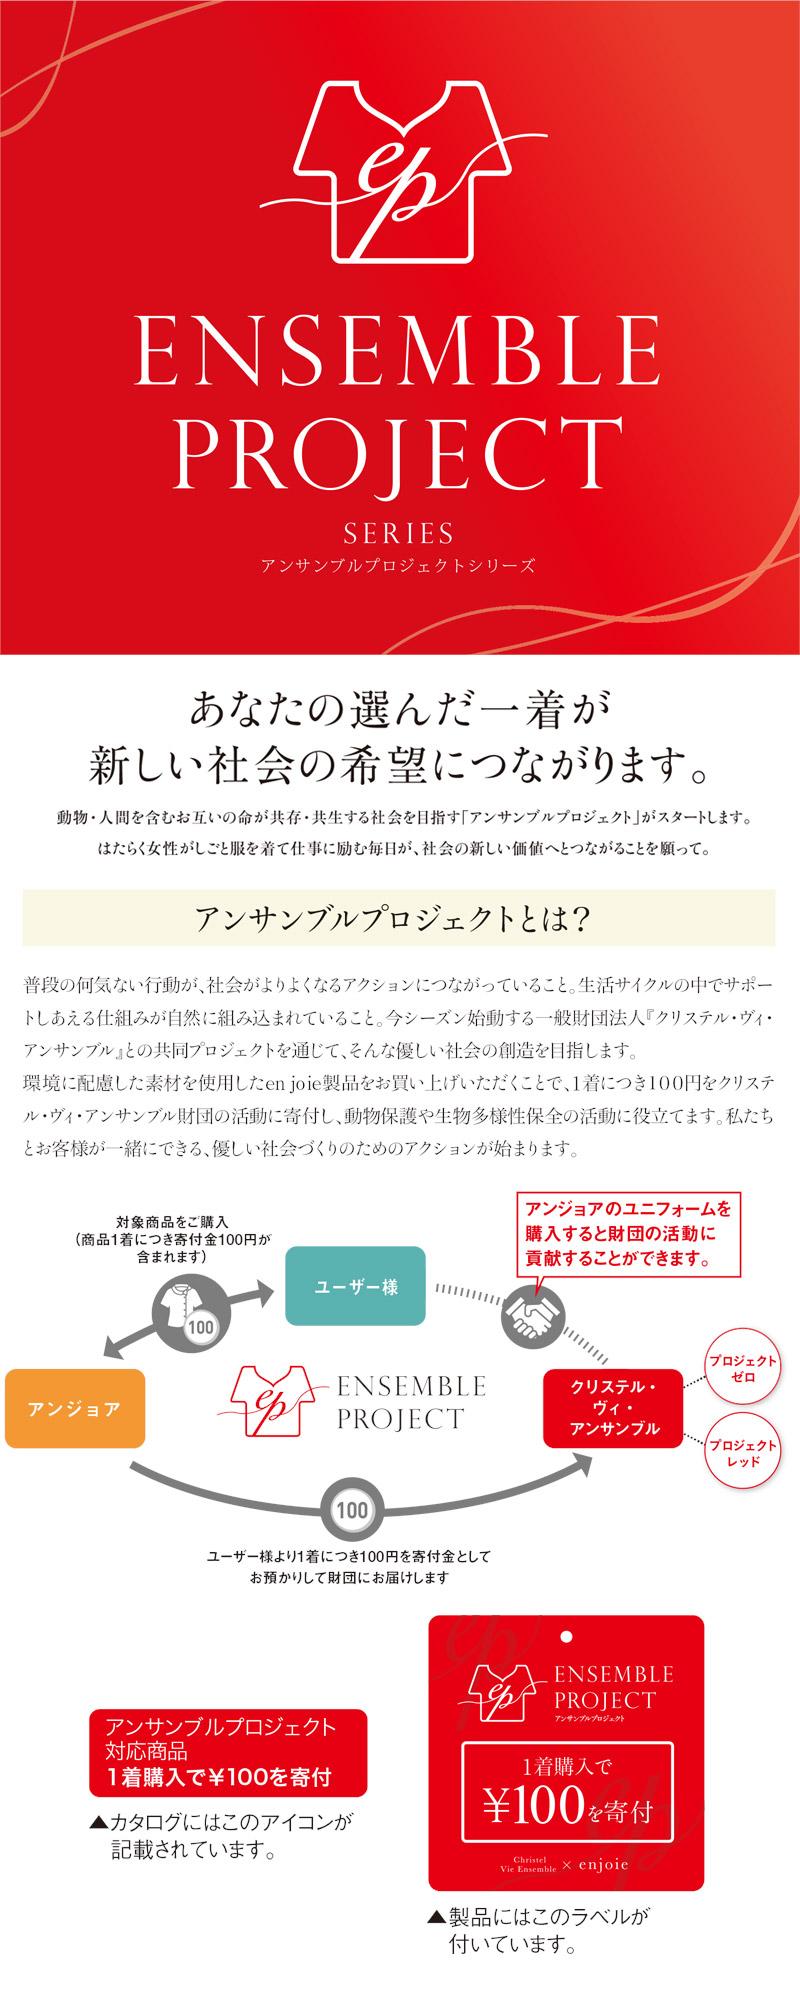 ワンピース(ソフトエコニット)(アンサンブルプロジェクト対応商品)